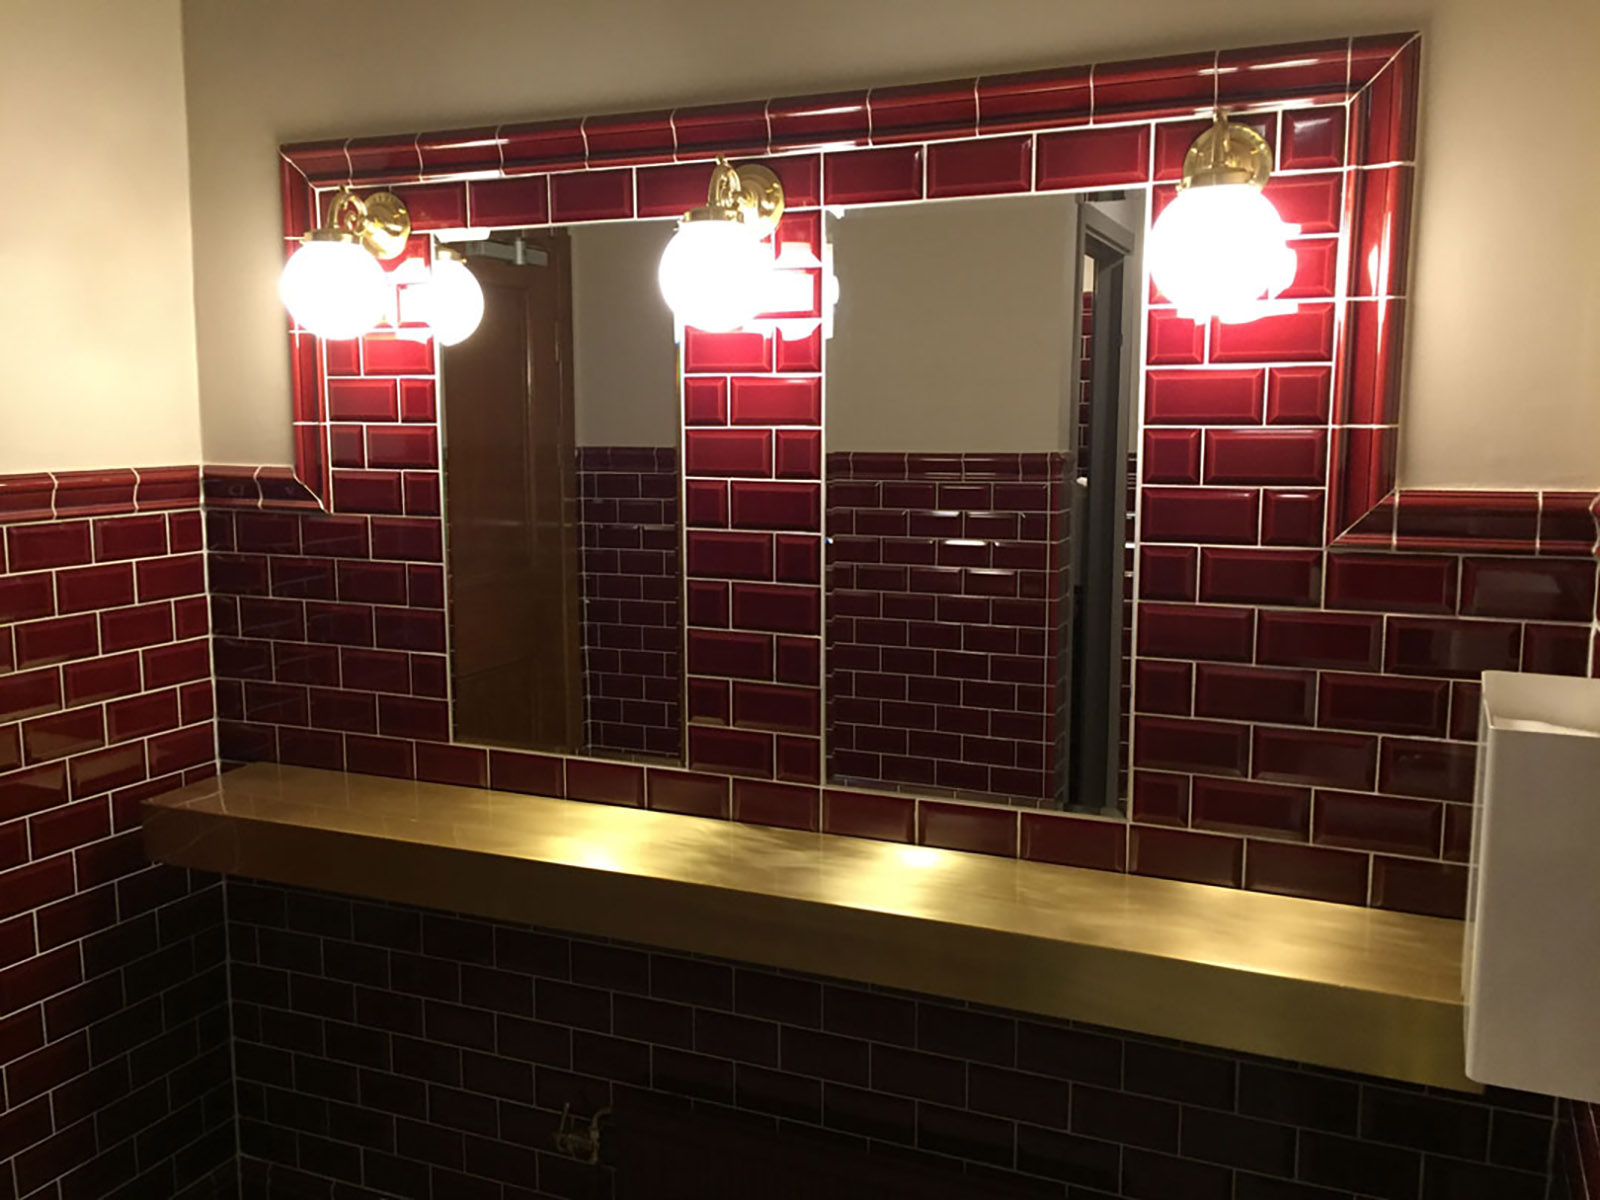 All vår badrumsrenovering i Linköping utförs självklart av skickliga hantverkare och plattsättare som är specialiserade på området. Här är en referensbild på ett badrum som vi har renoverat till Teatern i Linköping t.ex.